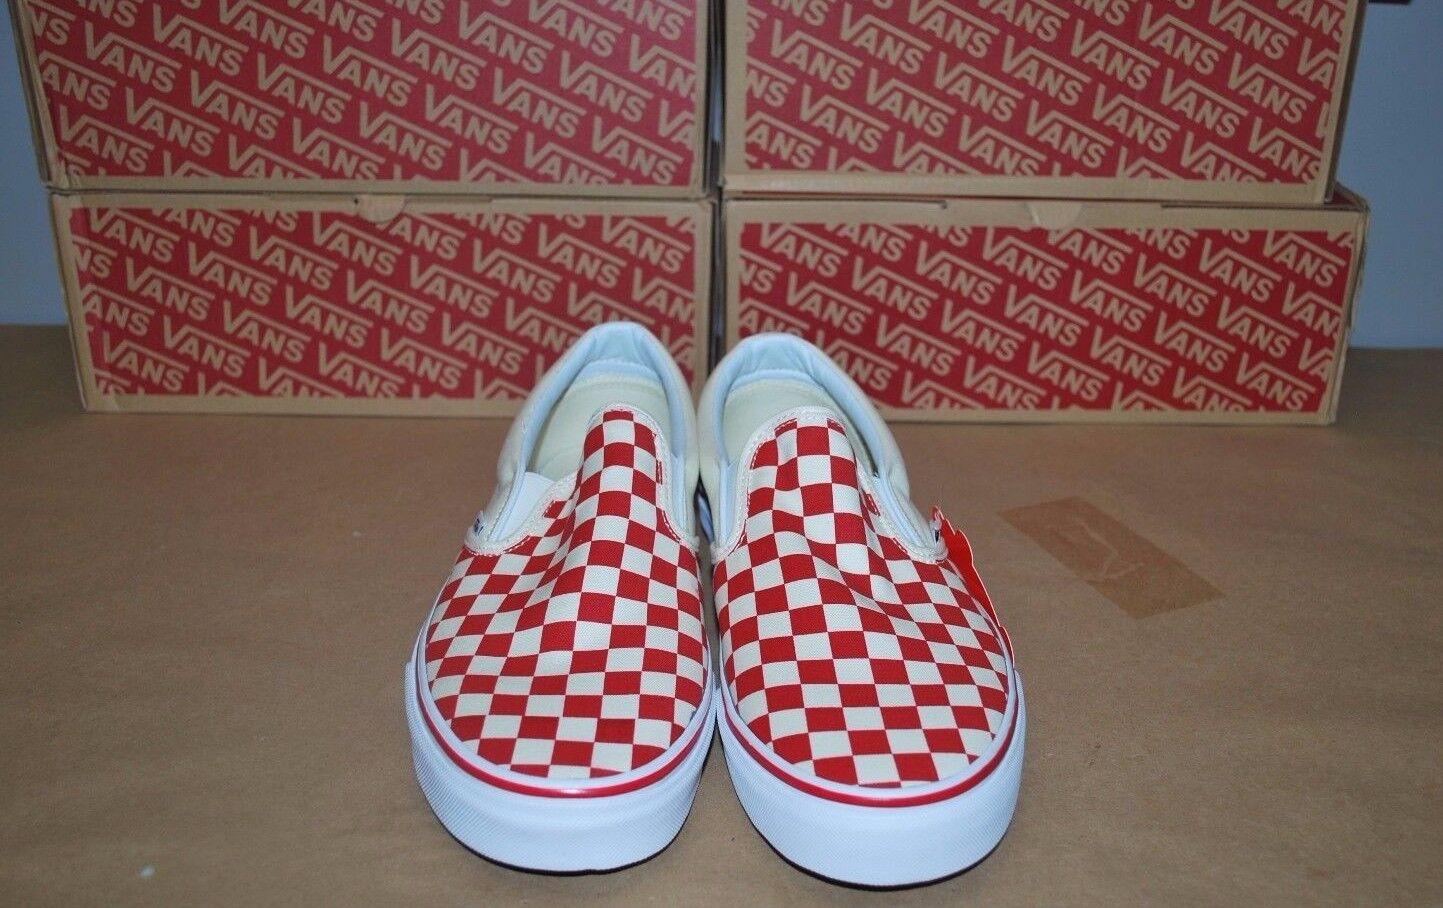 popolare Vans Classic Slip-On 'Primary 'Primary 'Primary Check' Checkerboard rosso VNOA38F7P0T Uomo - Sz 11.5  di moda